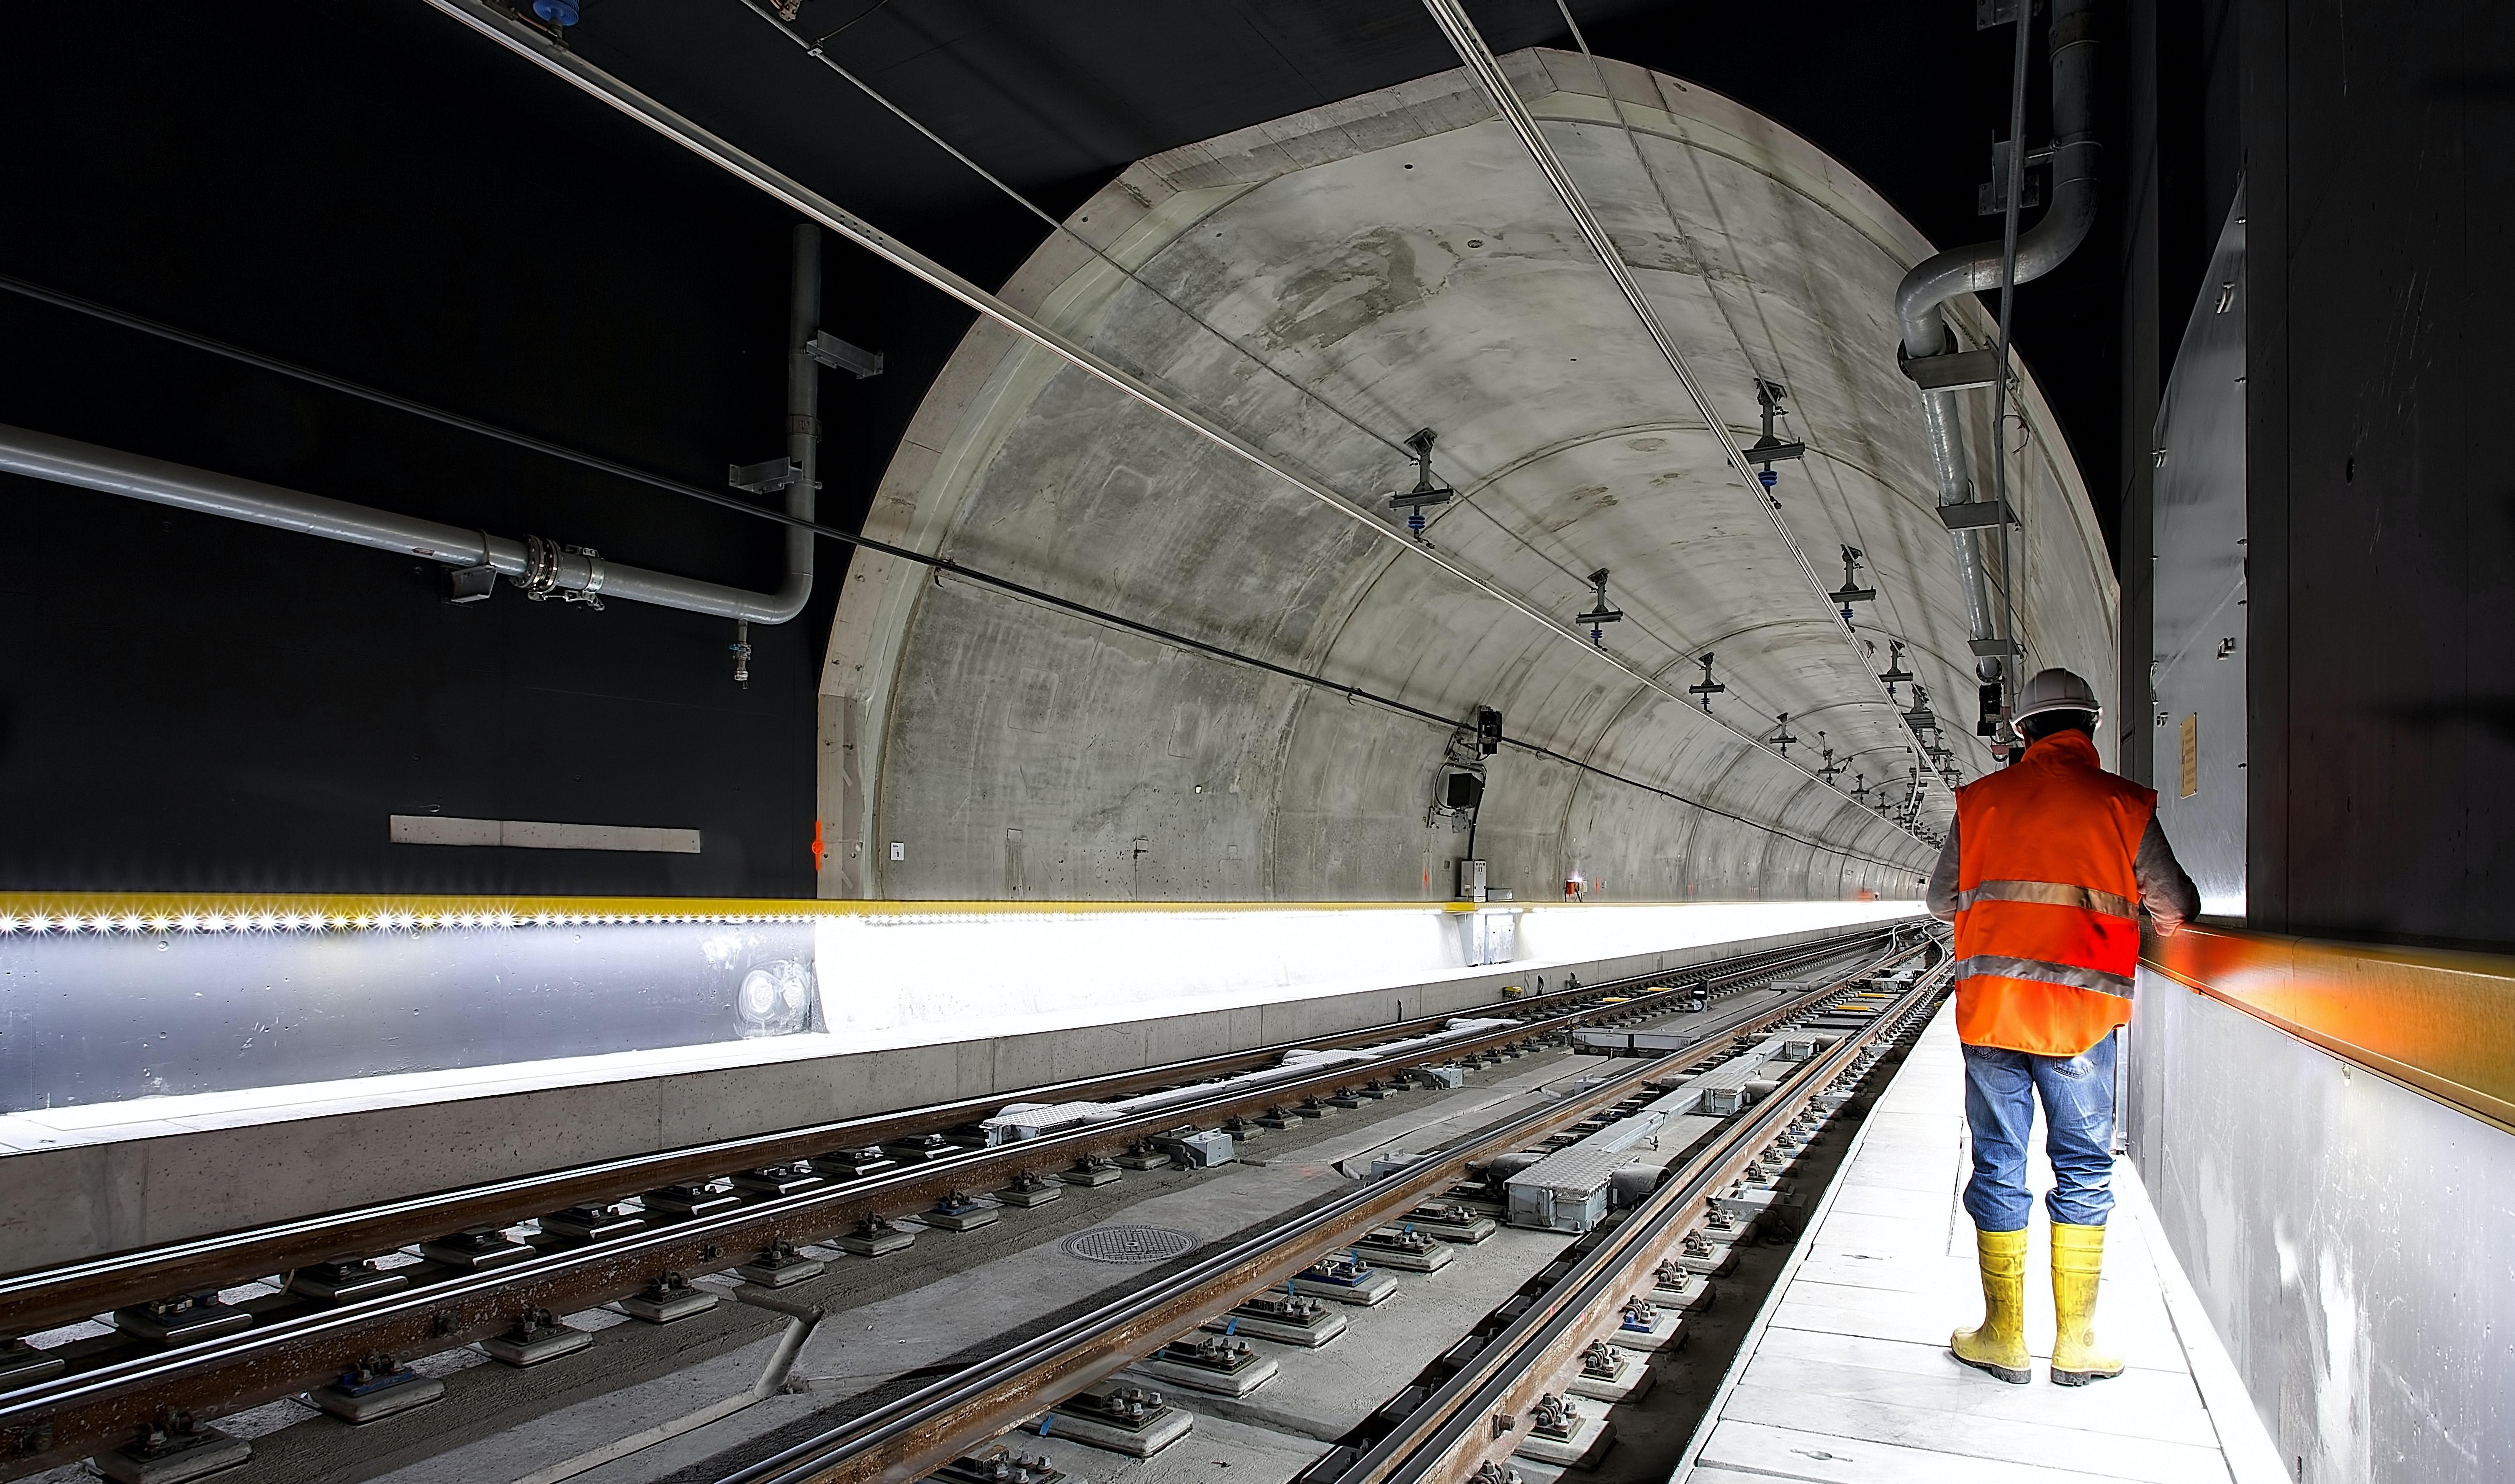 Underground rail tunnel with worker.